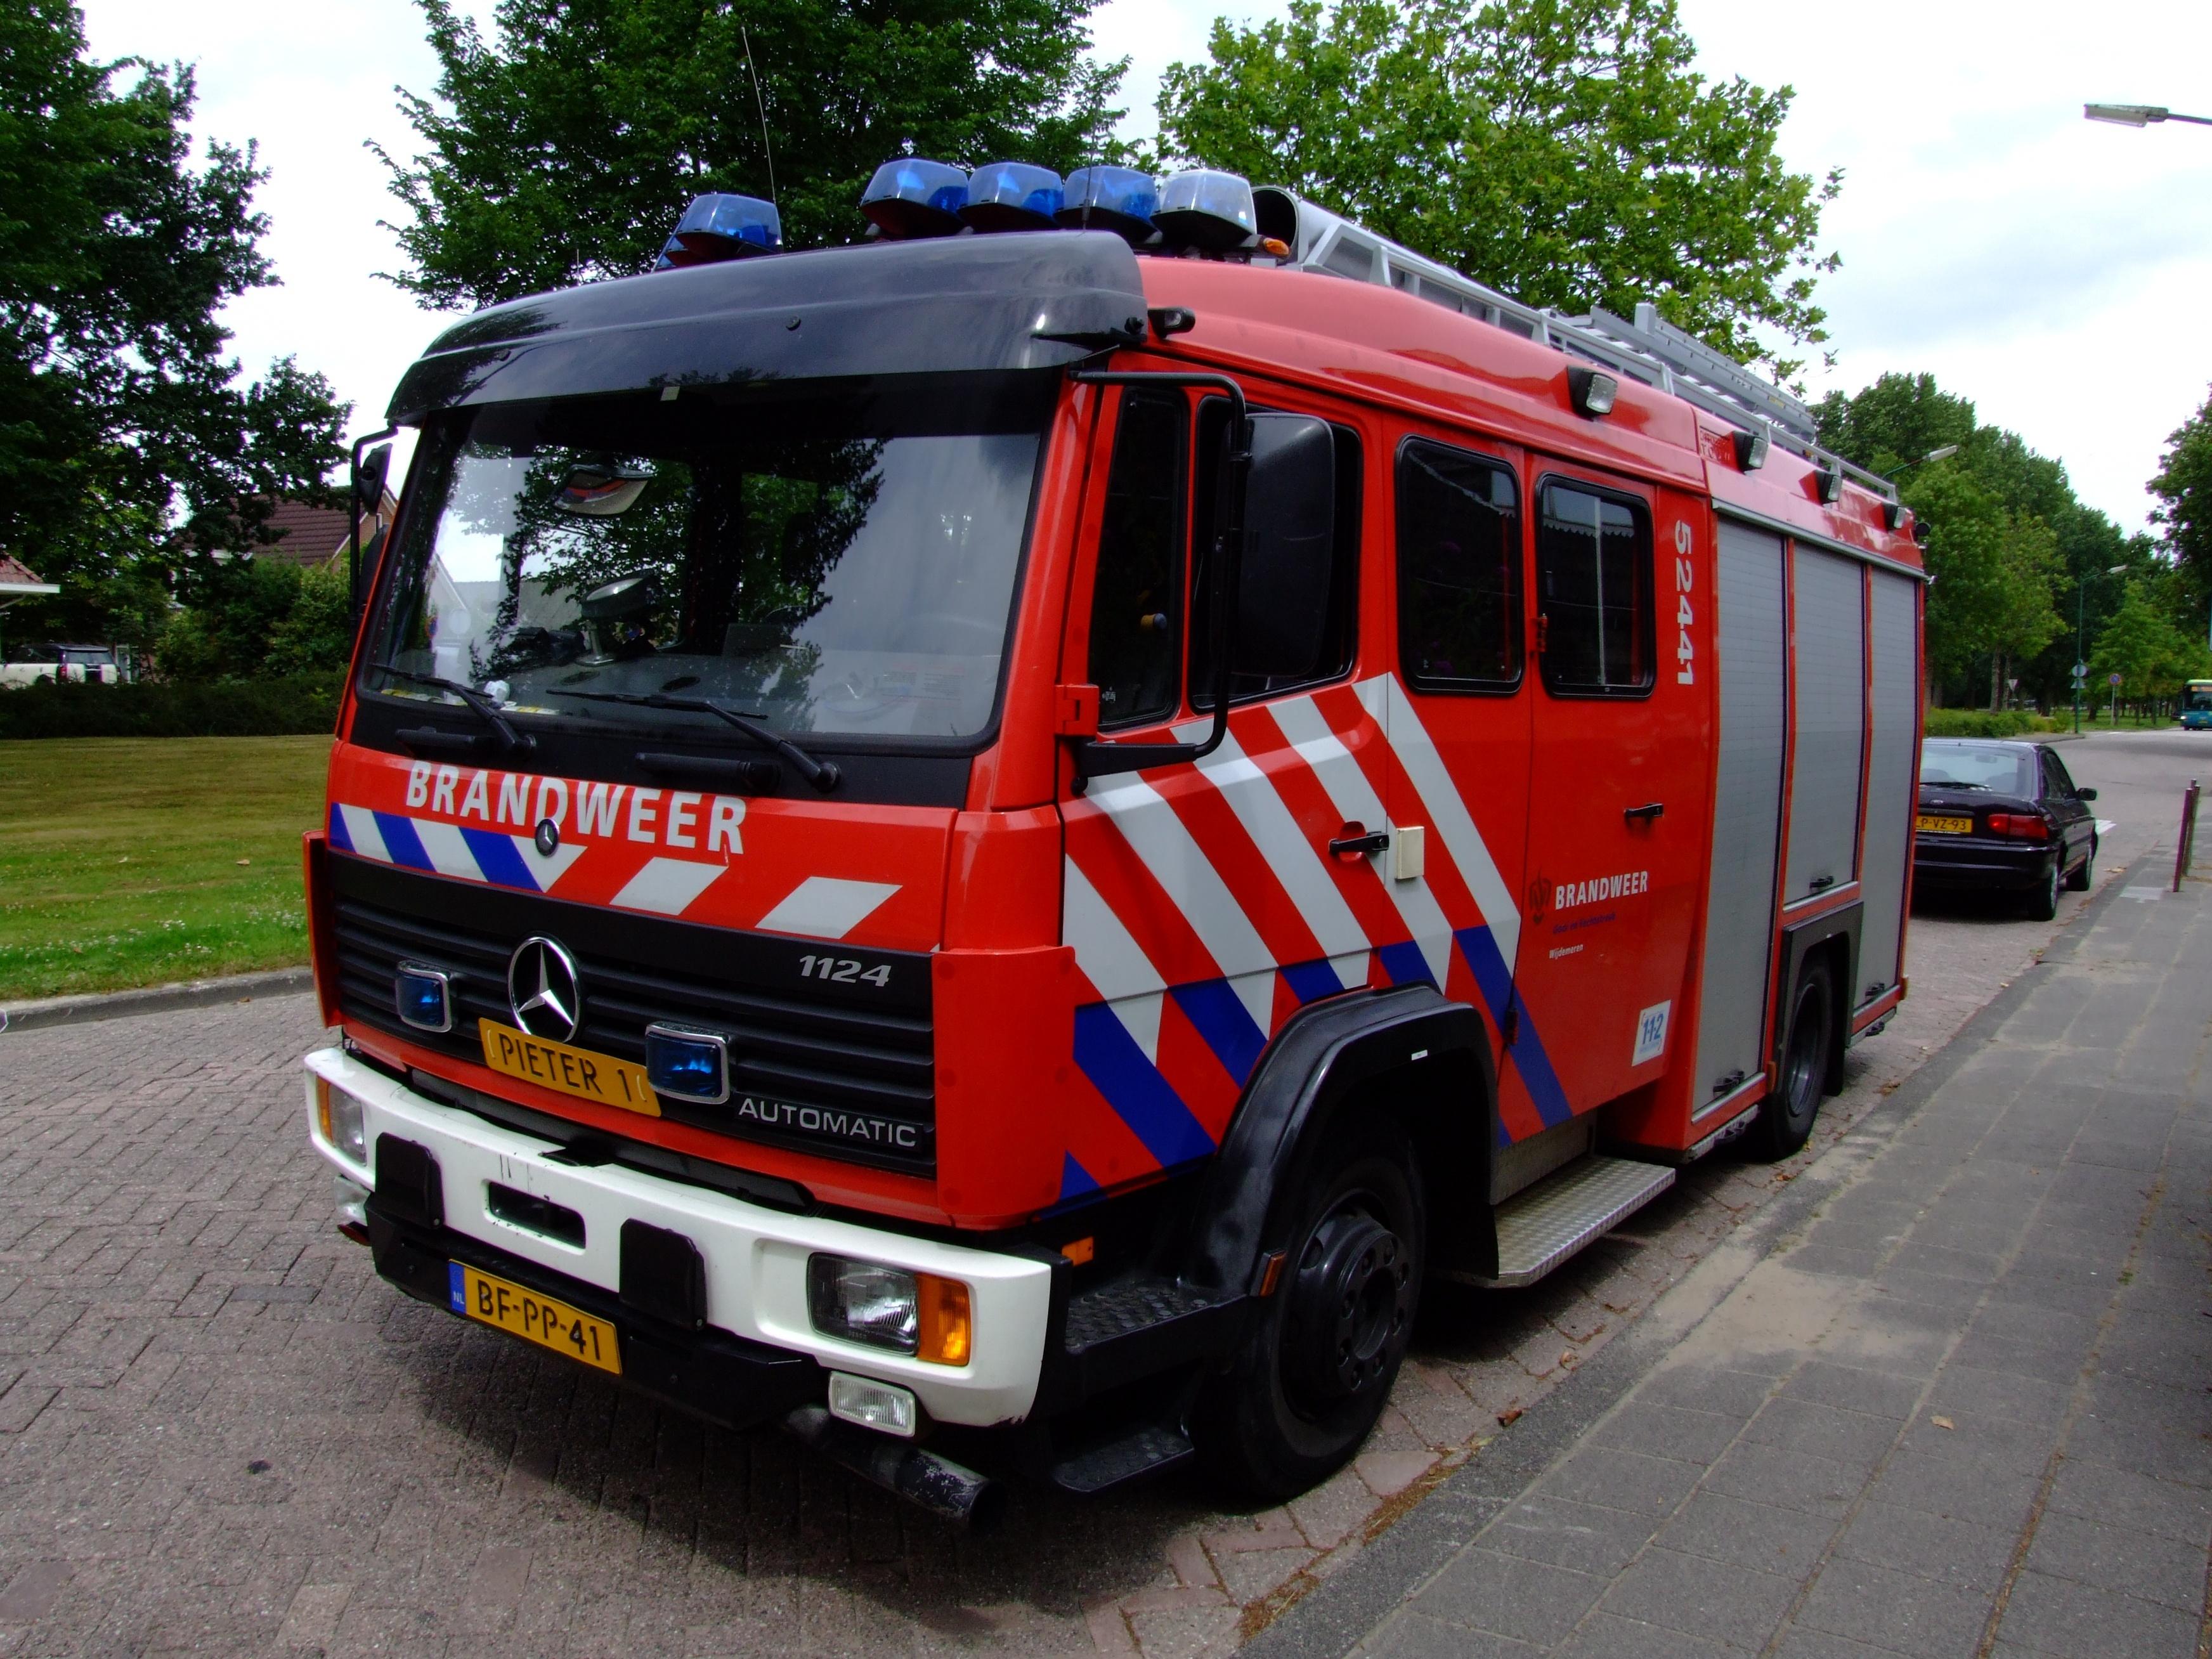 file:mercedes 1124 automatic brandweer 52441 wijdemeren